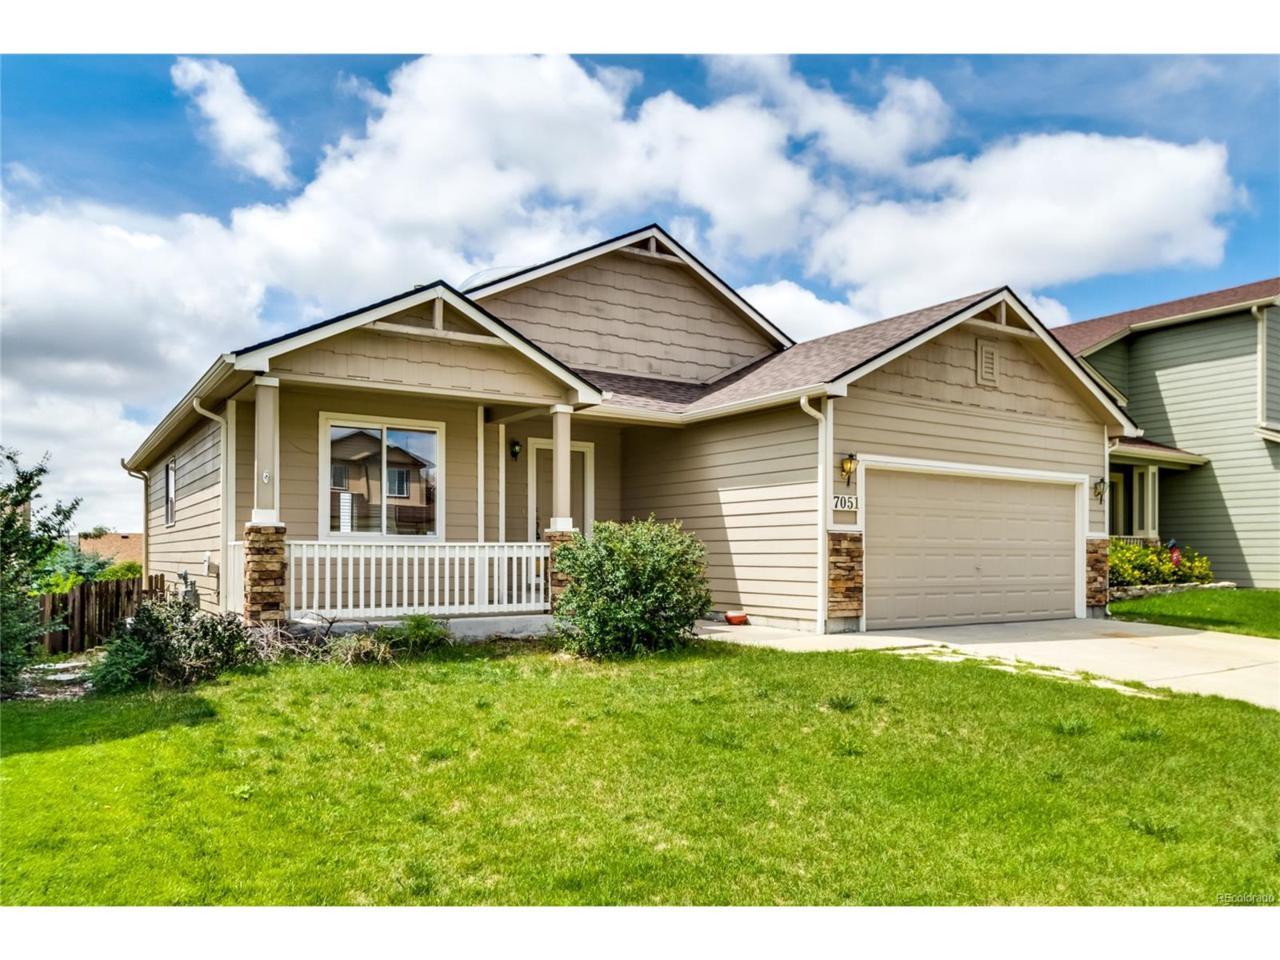 7051 Hillock Drive, Colorado Springs, CO 80922 (MLS #3597341) :: 8z Real Estate